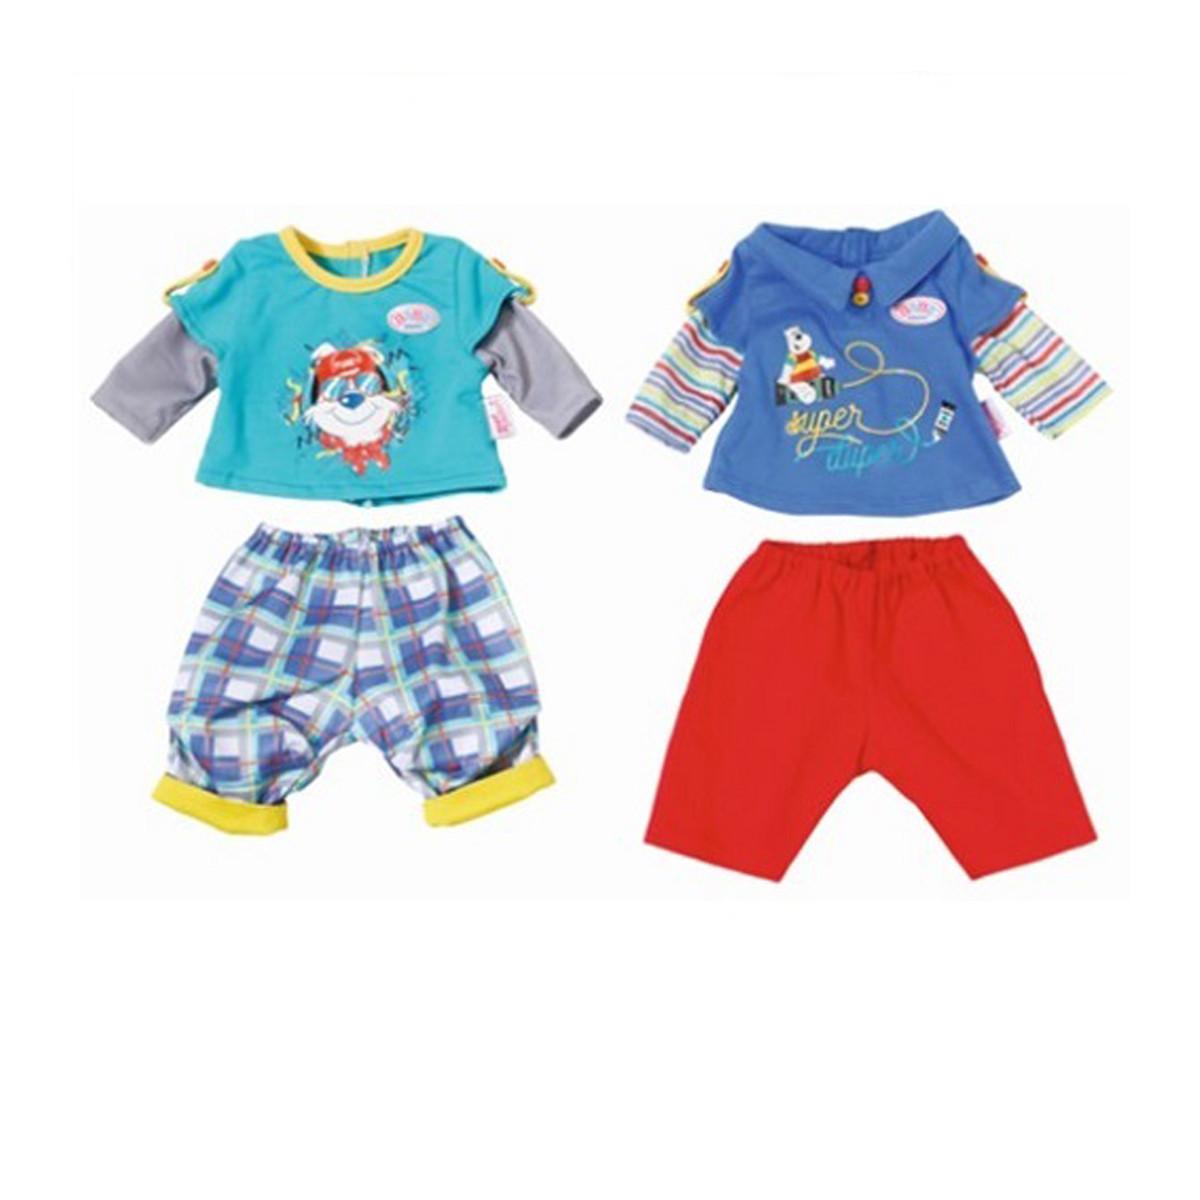 Набір одягу для ляльки BABY BORN - МАЛЮК НА ПРОГУЛЯНЦІ (2 в асорт.), 823927